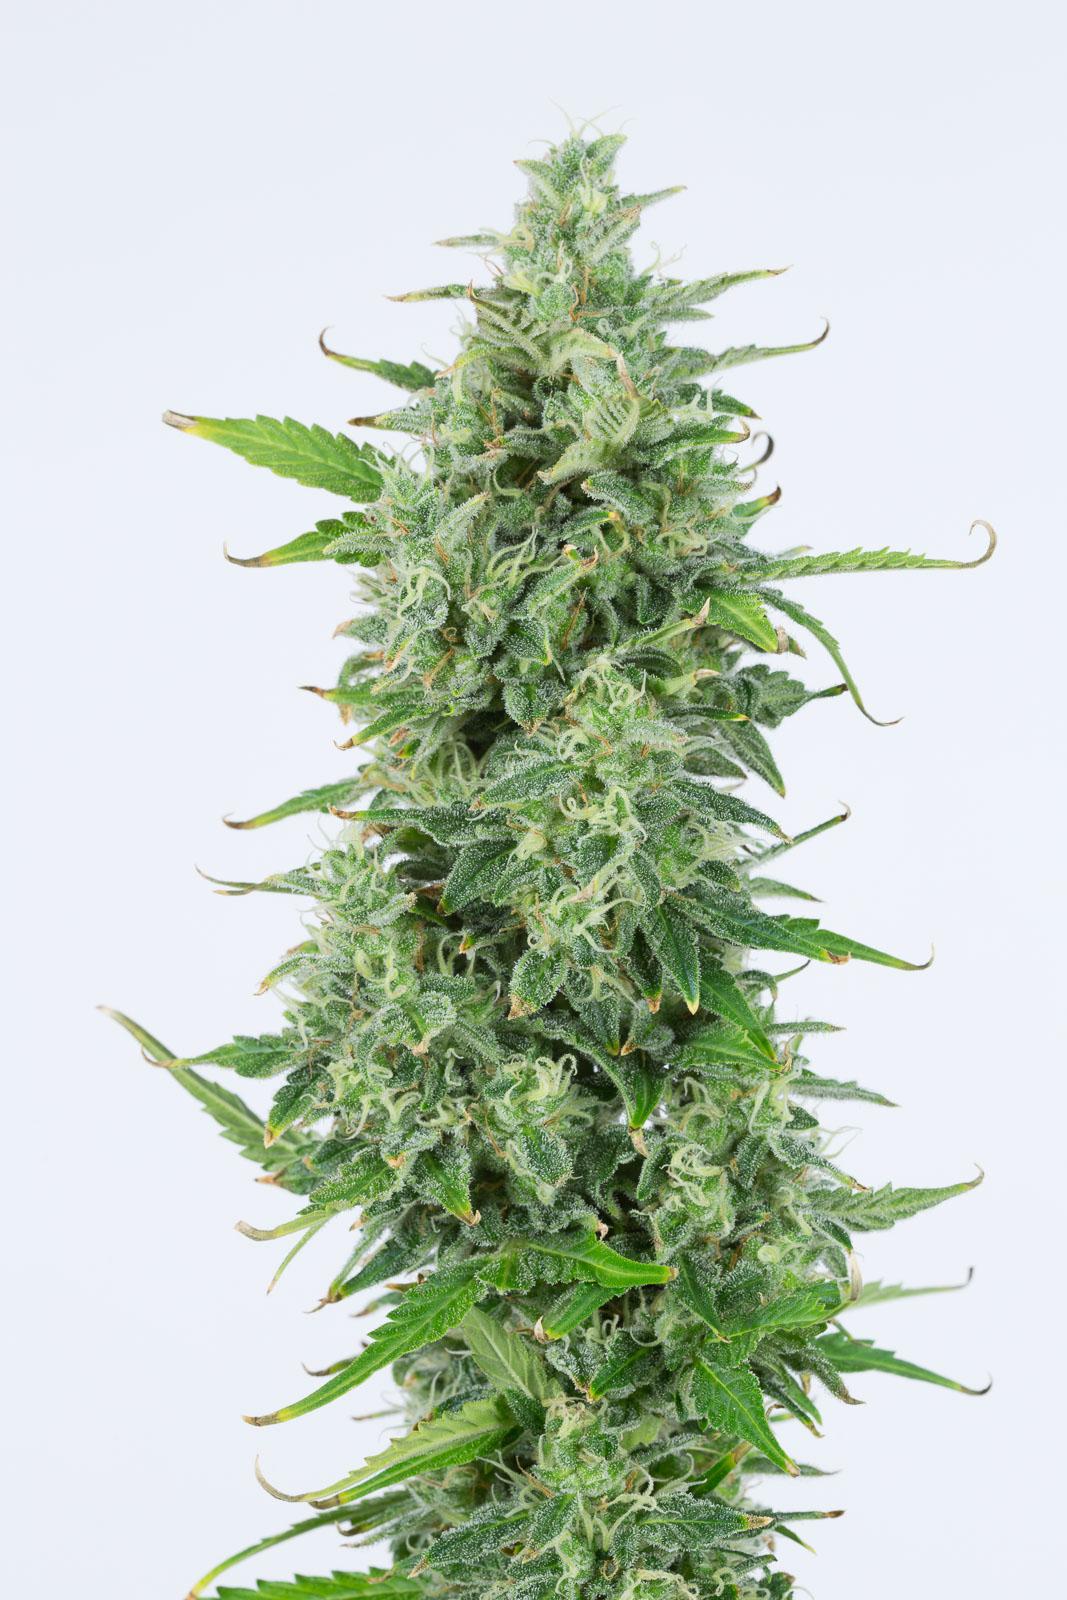 OG Kush Autoflowering – Buy OG Kush Auto cannabis seeds